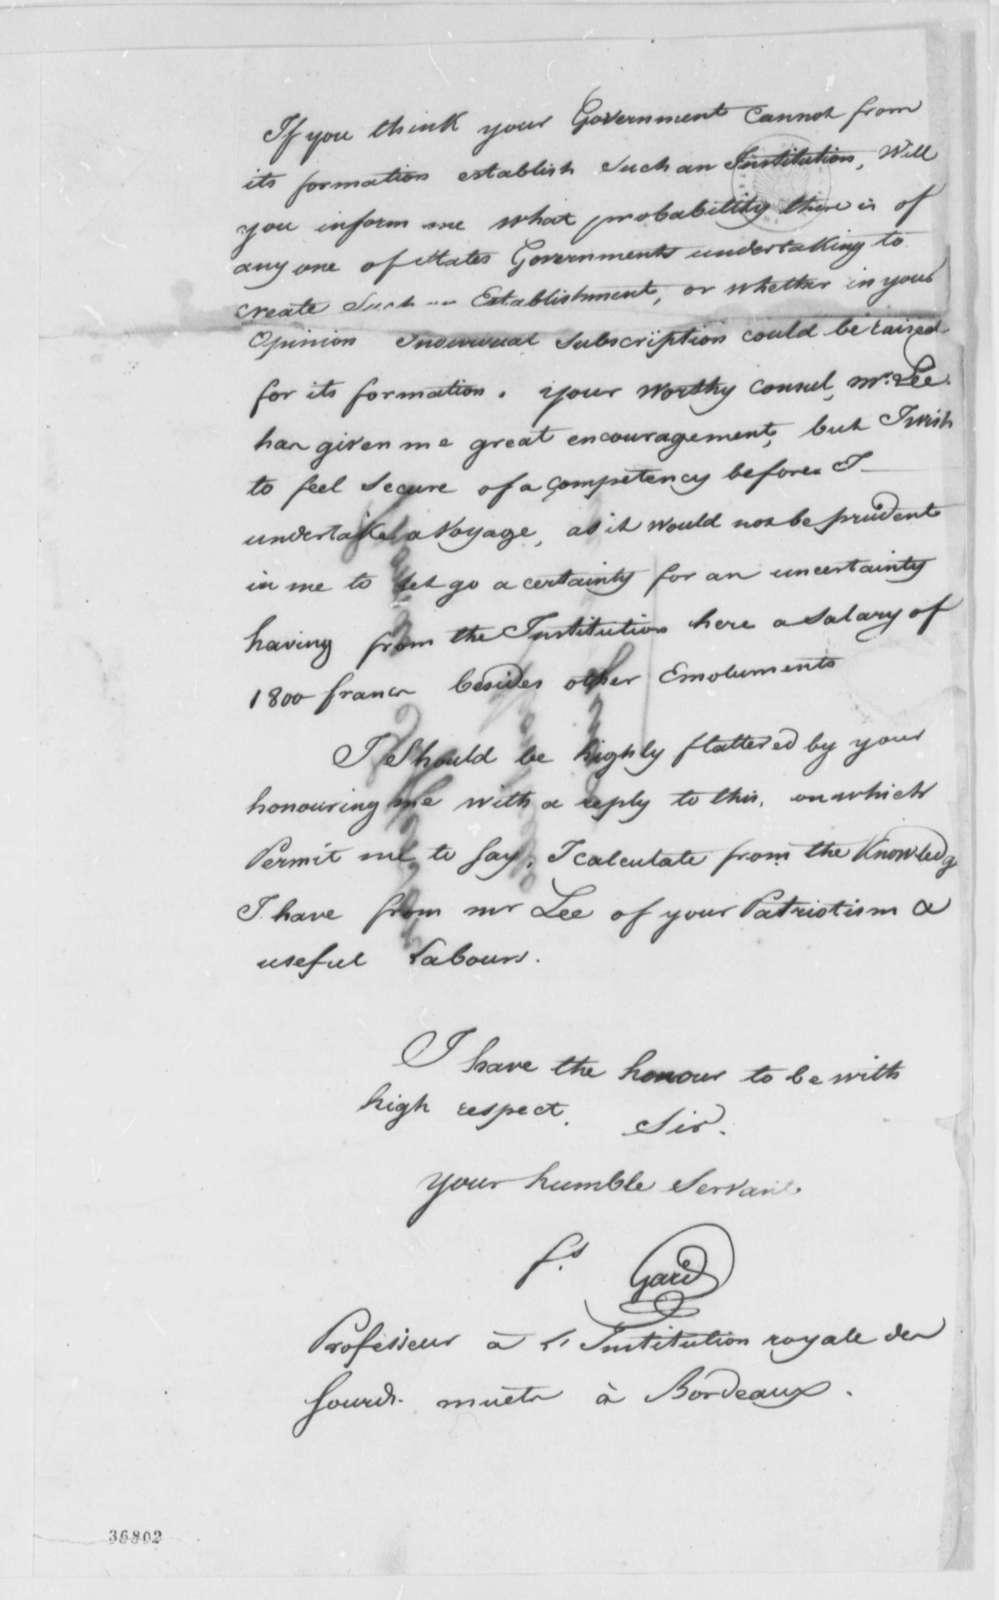 Gard to Thomas Jefferson, April 9, 1816